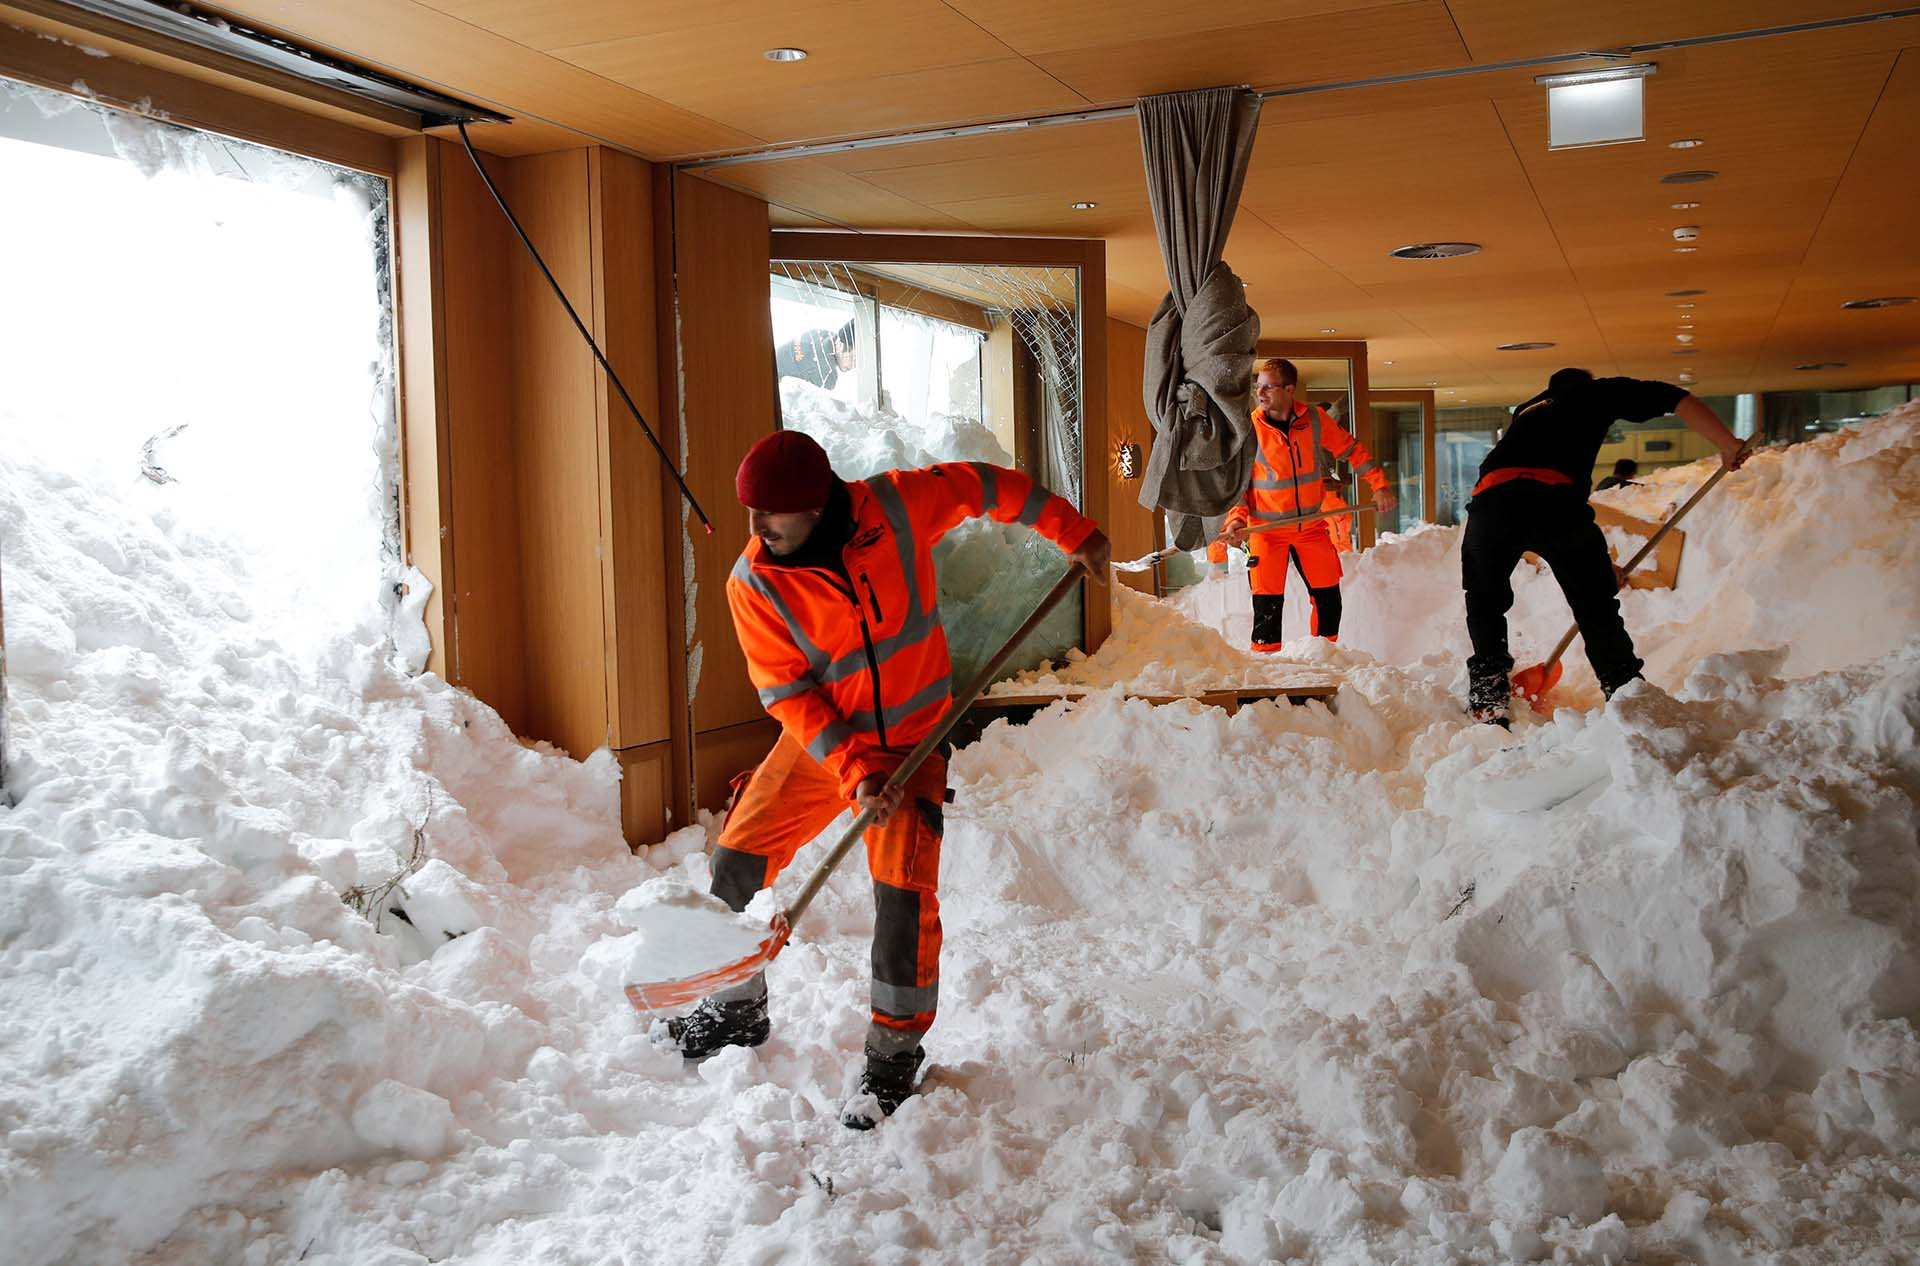 Trabajadores intentan remover la nieve de un restaurante tras una avalancha en Suiza (REUTERS/Arnd Wiegmann)